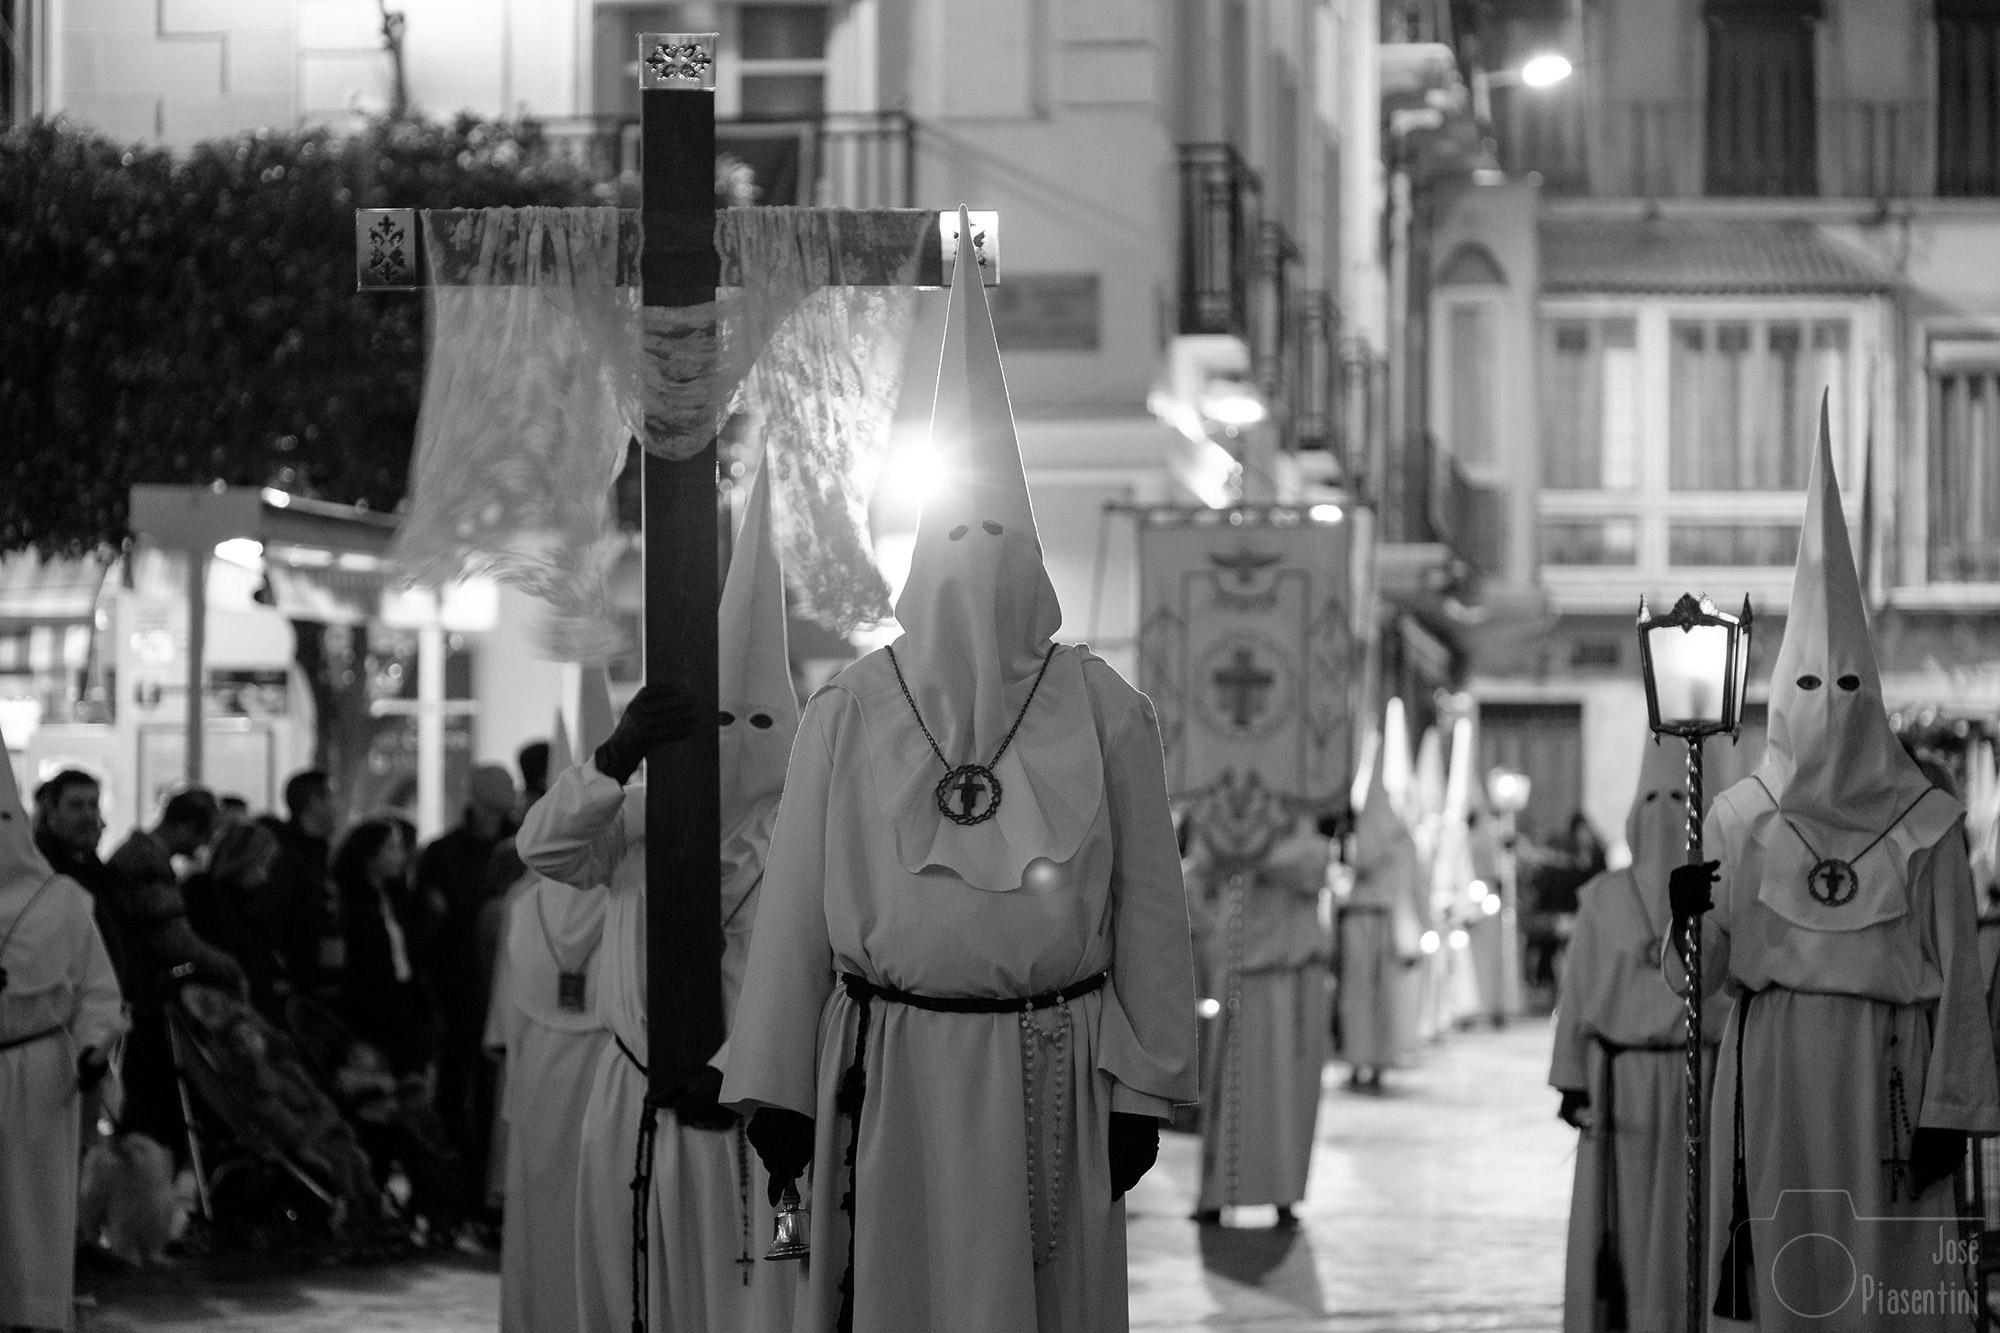 En Murcia Por que se usan capirotes en Semana Santa